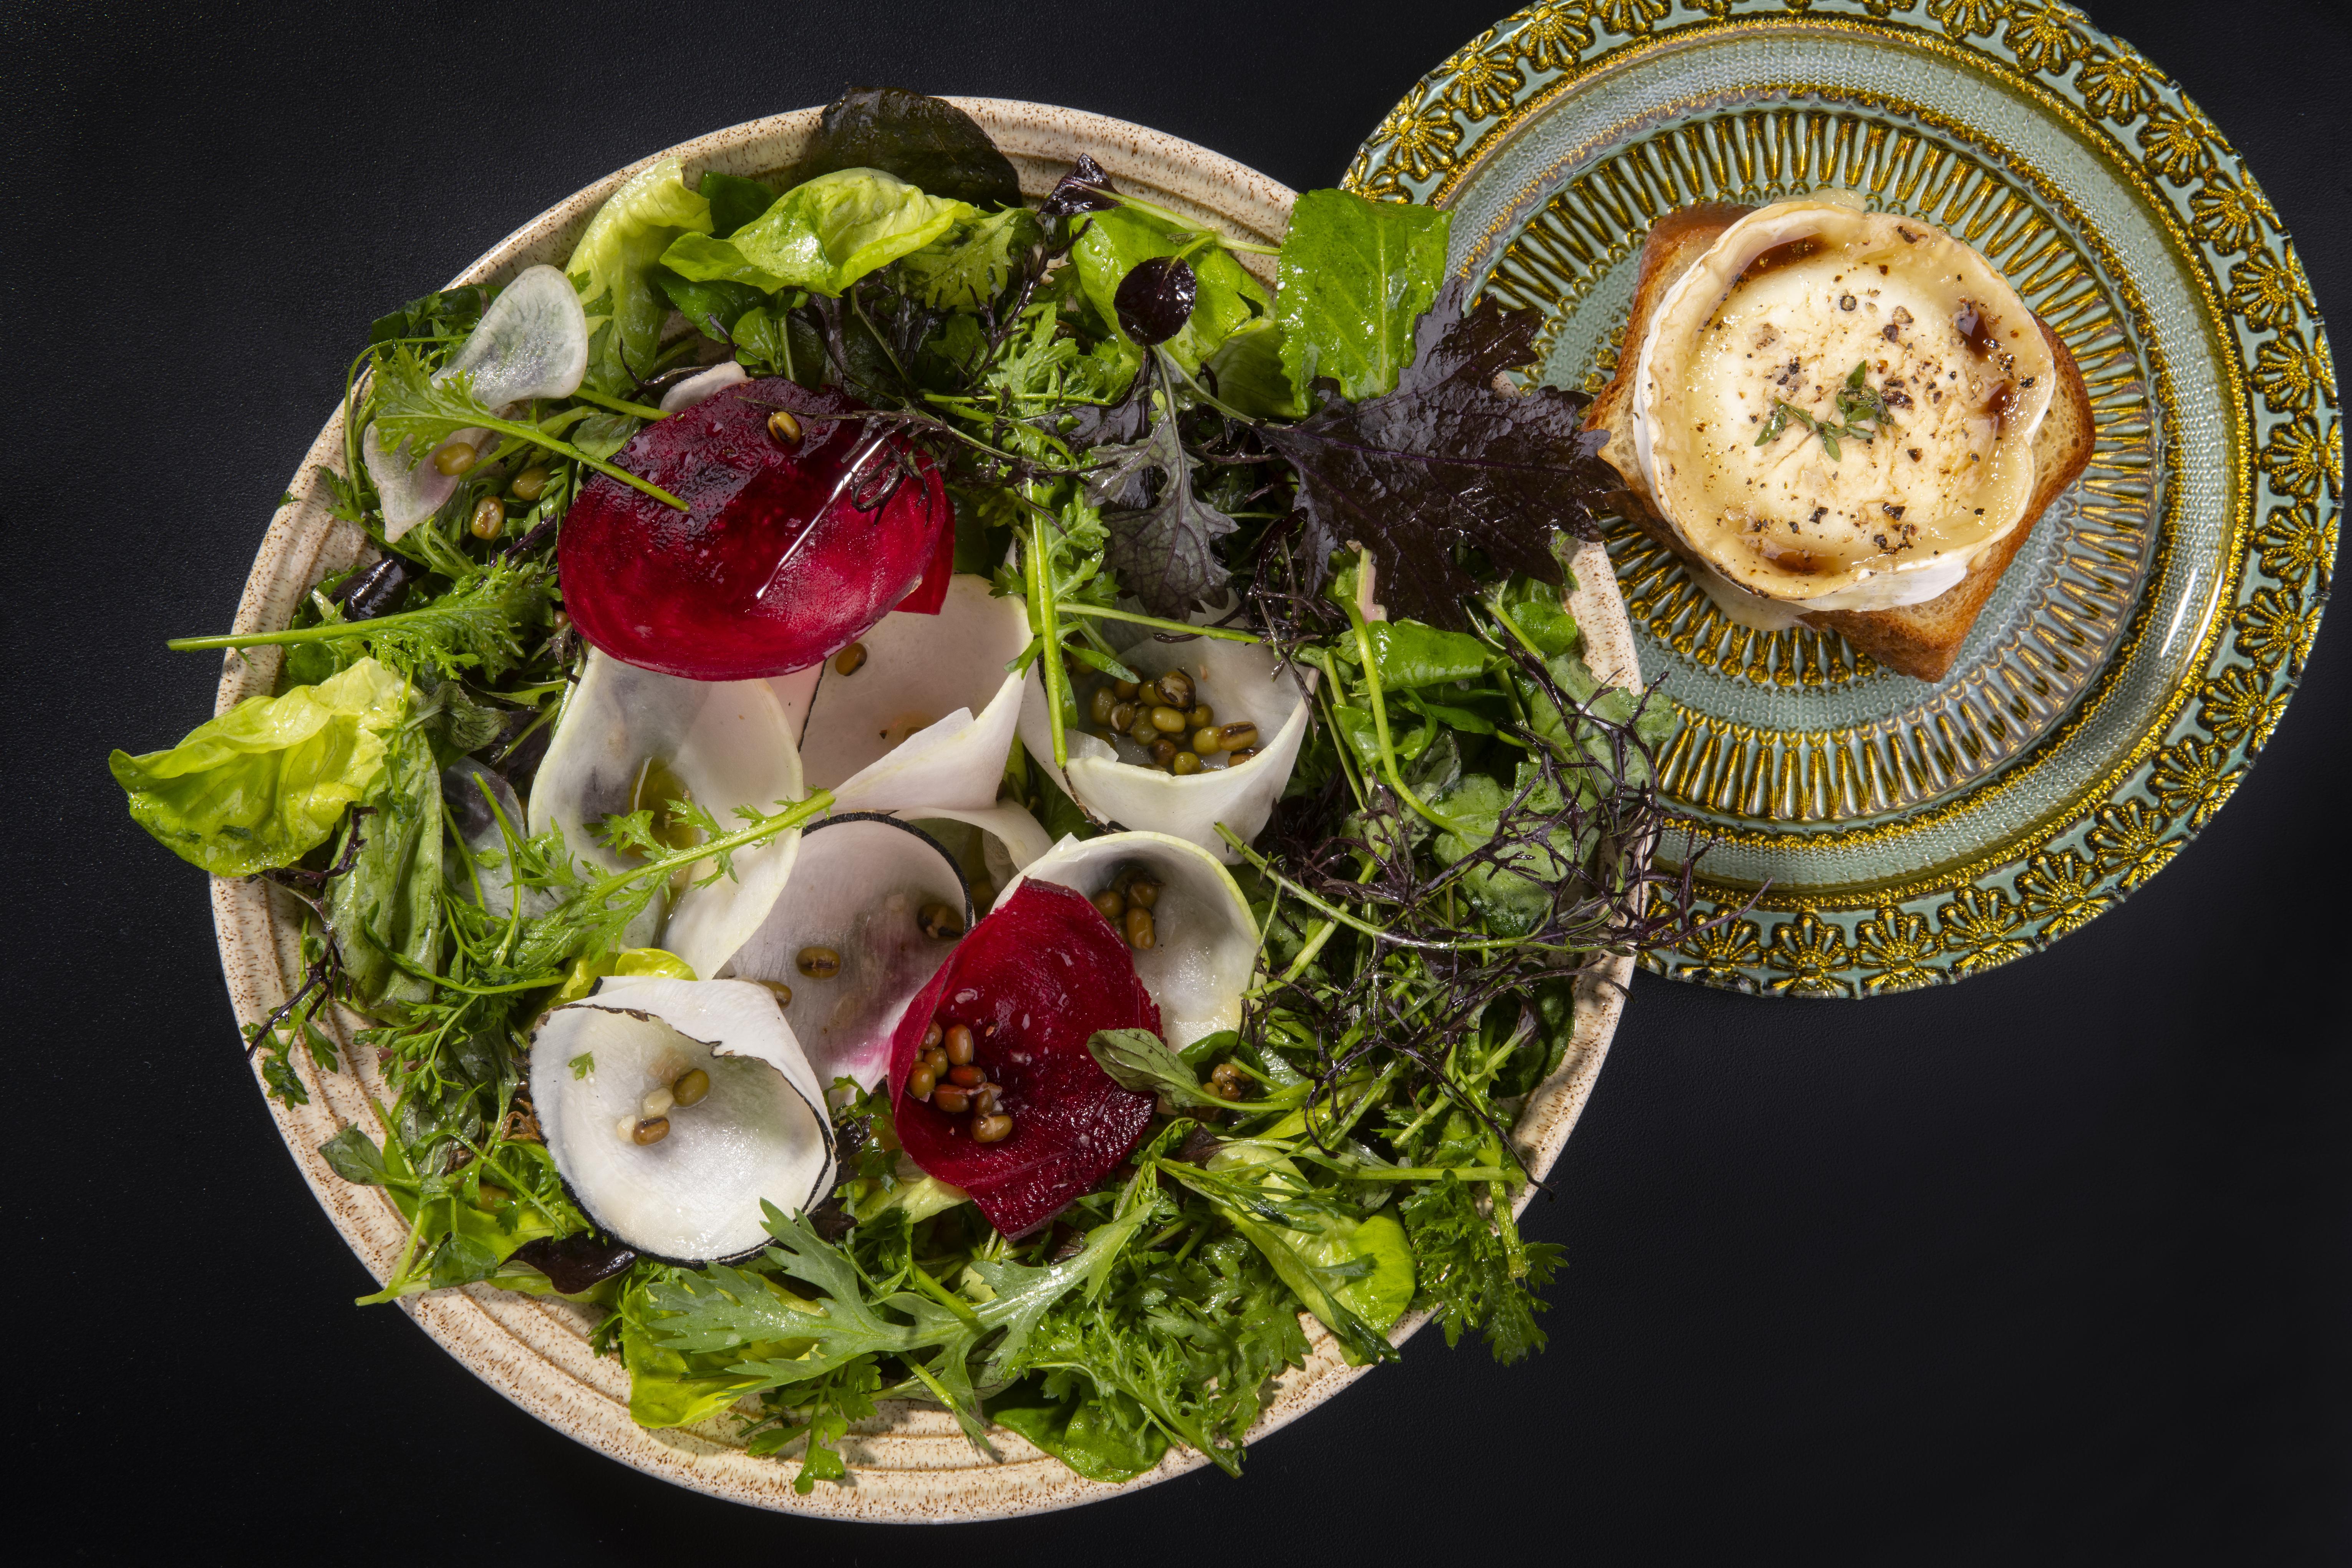 מנה במסעדת ג'ורג' וג'ון תל אביב (צילום: באדיבות המקום)